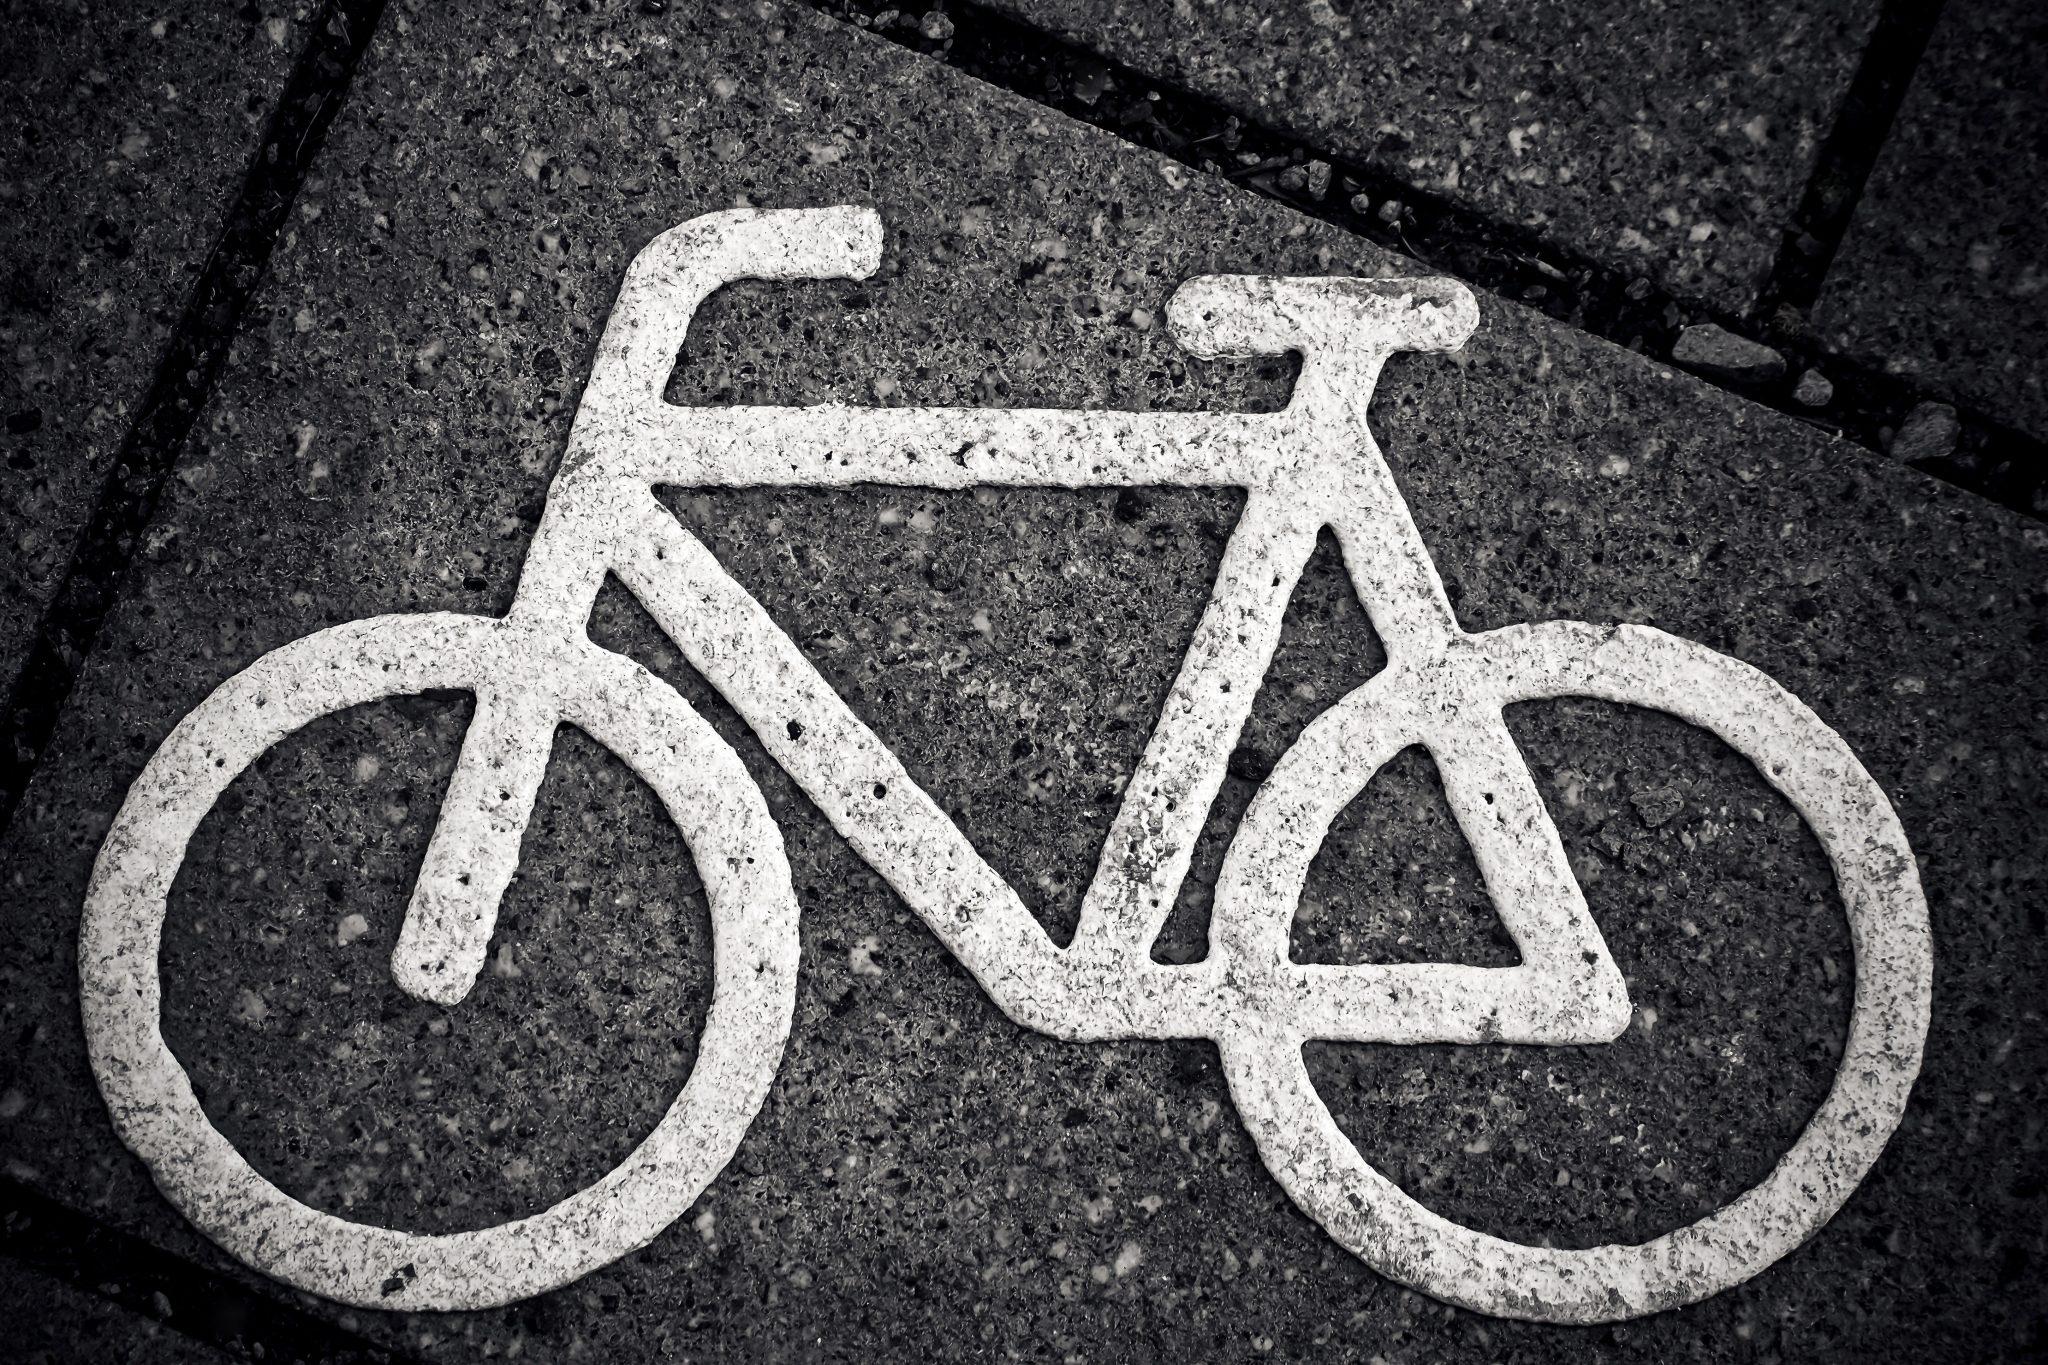 23-årig kvindelig cyklist ramt af personbil